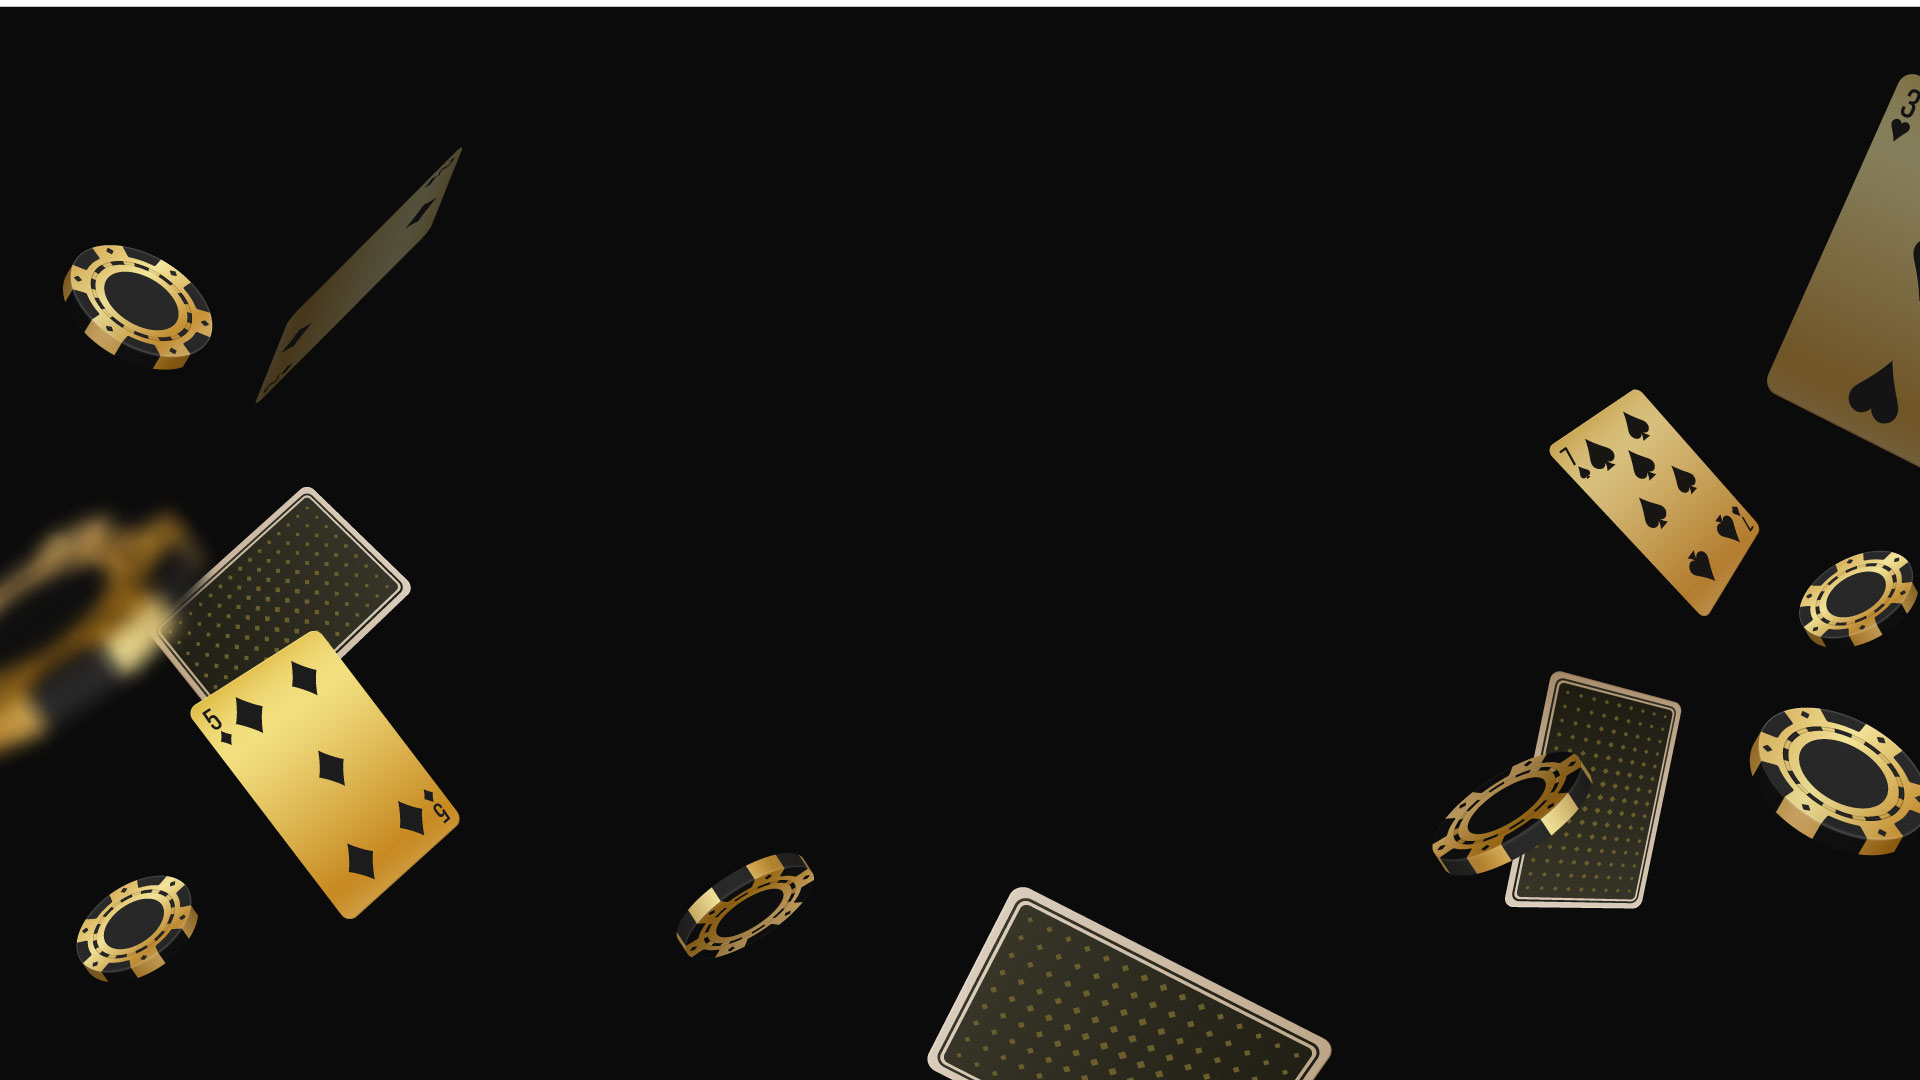 Casinobonus770 homepage header